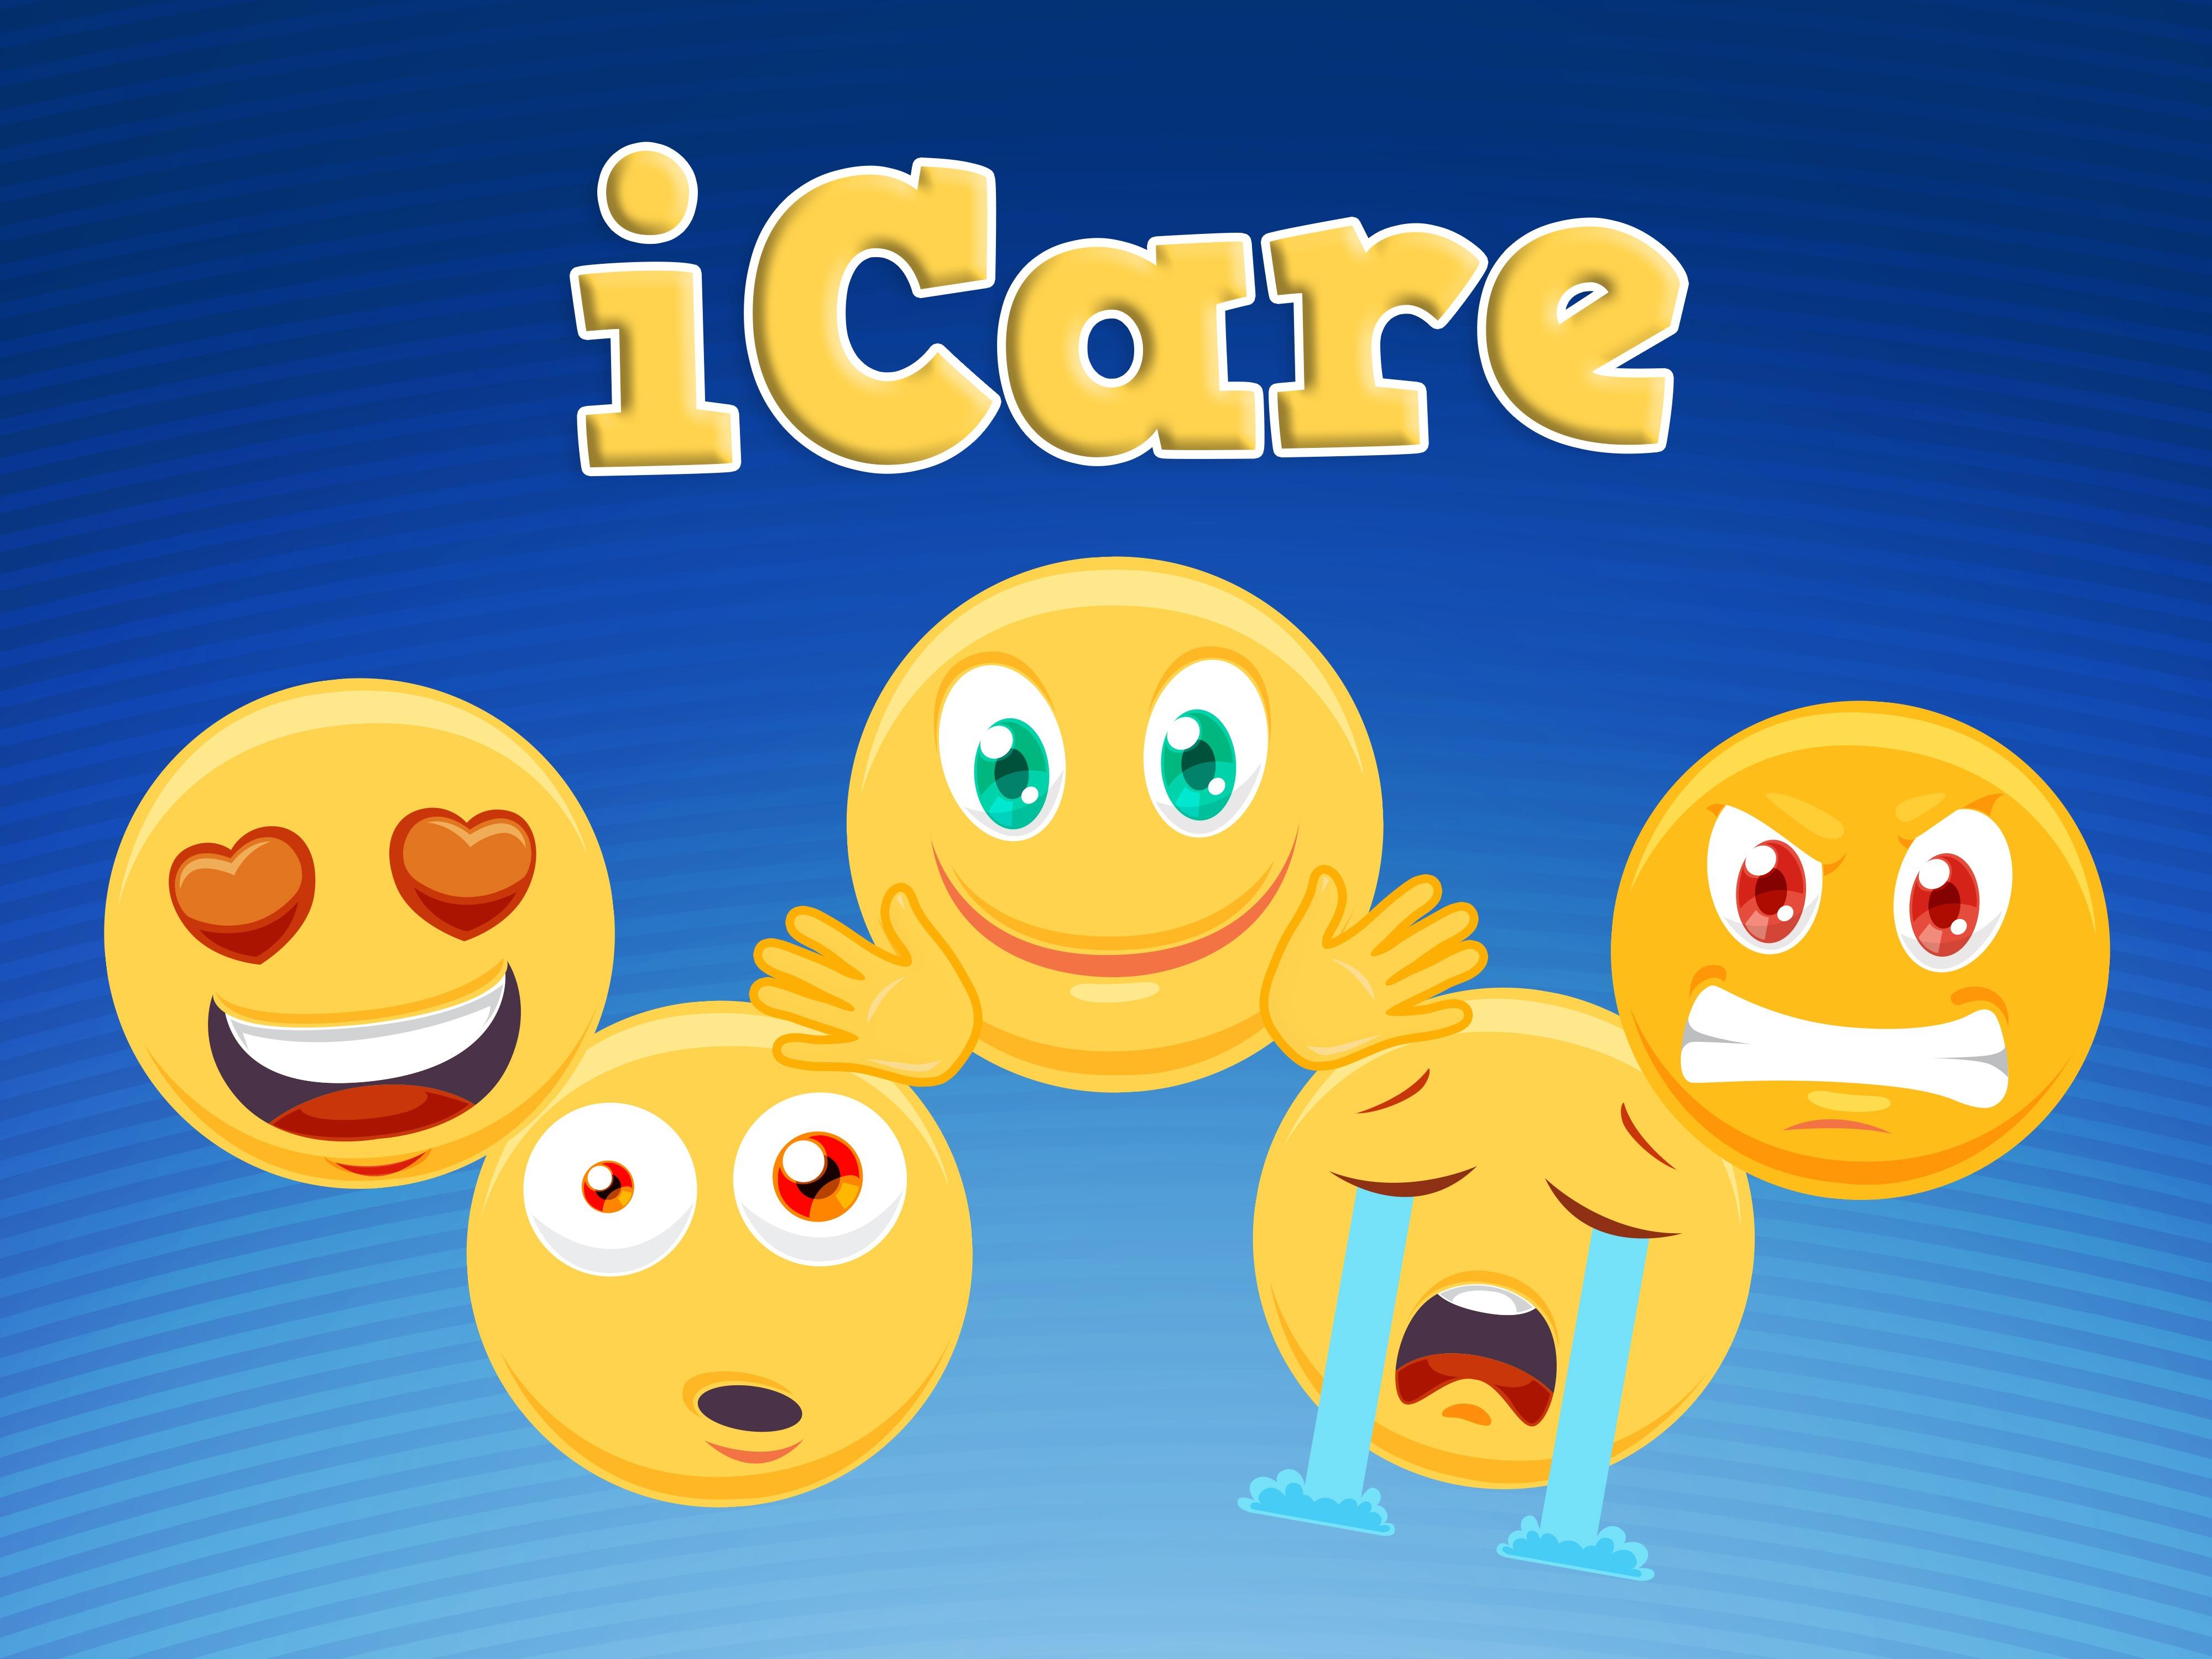 'iCare' Emoji Childrens Teaching Series or VBS